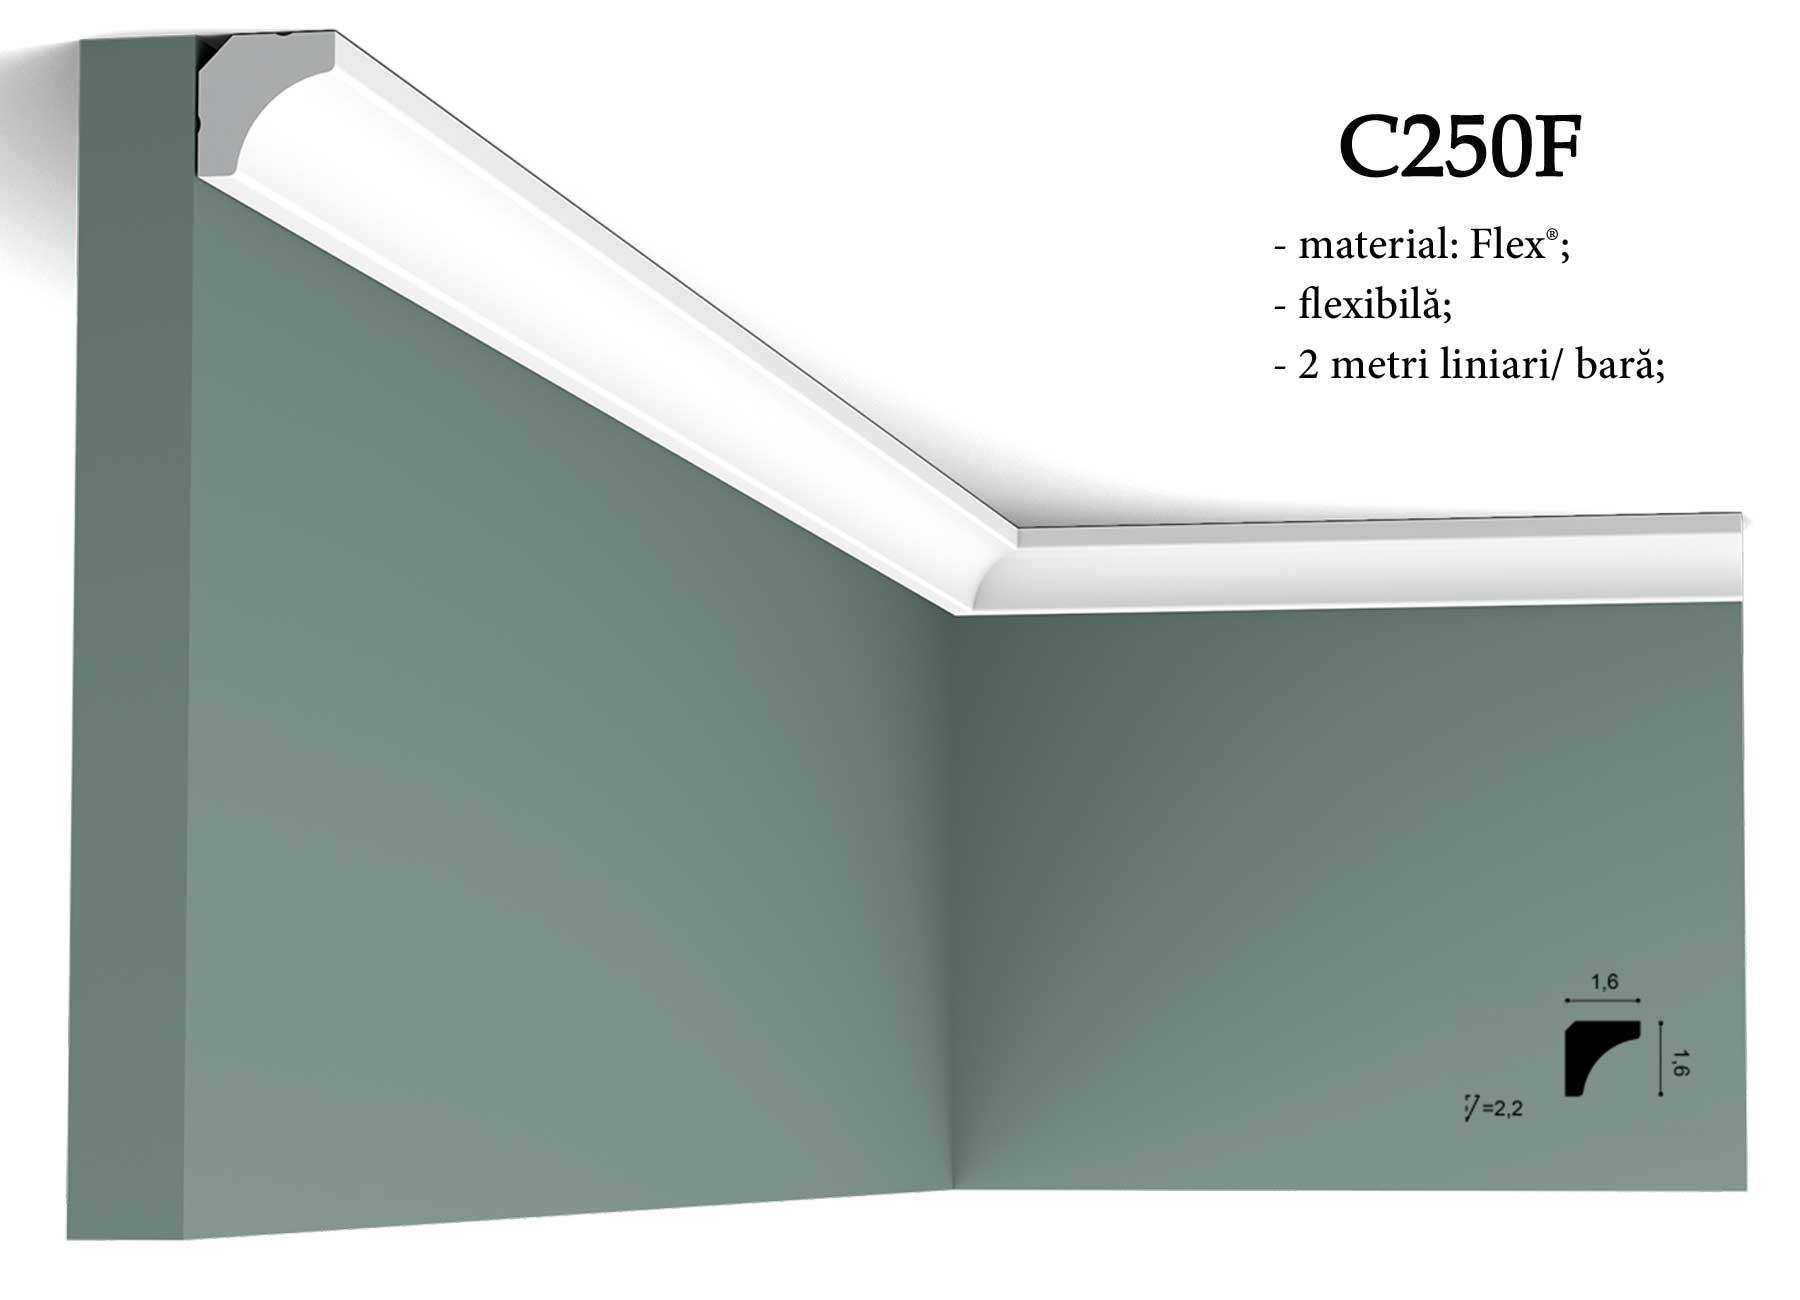 Coltar pentru tavan Orac Decor. Terminatie perete C250F